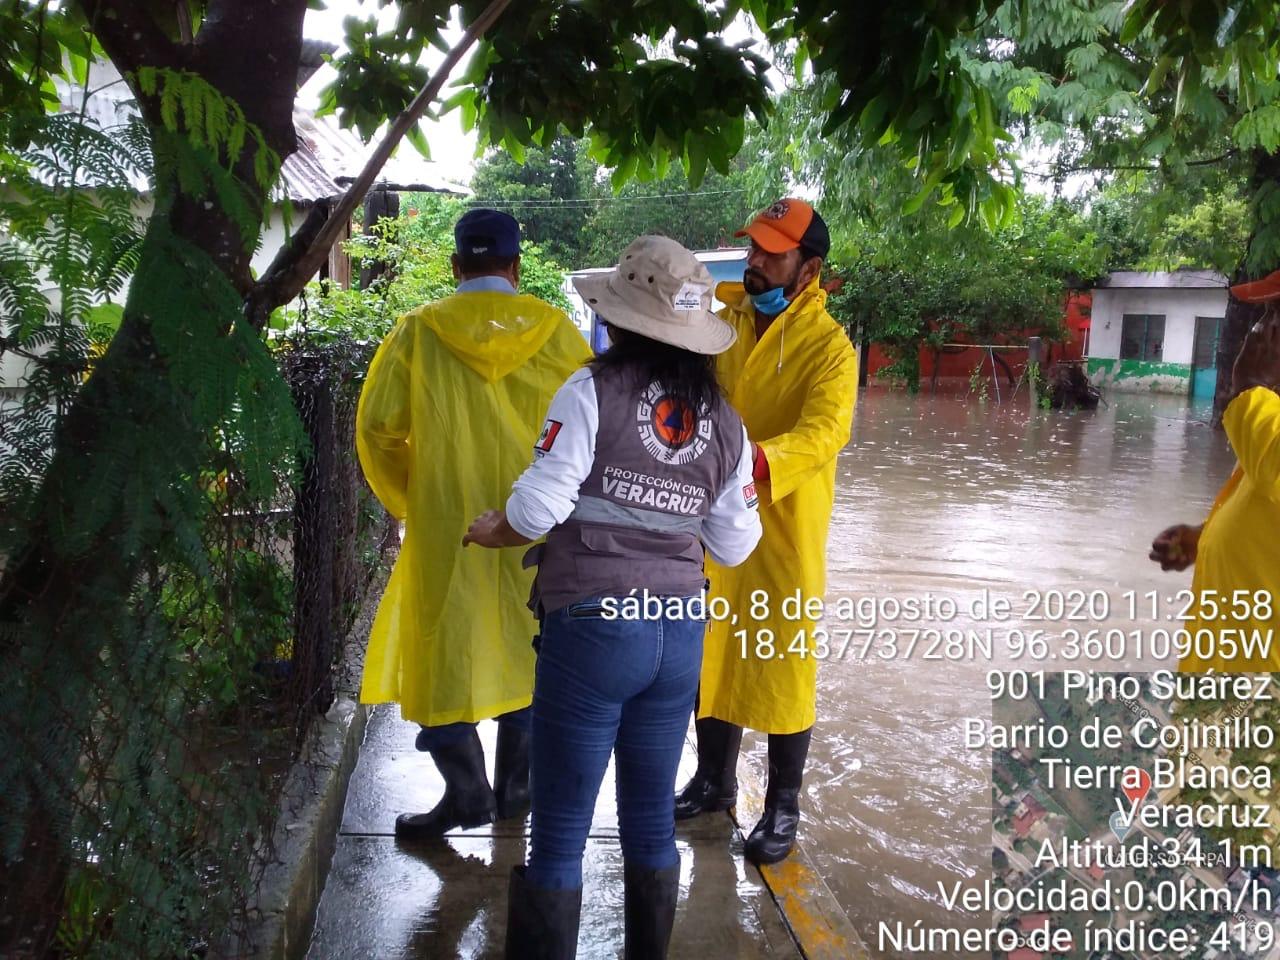 Vaguada afecta 8 municipios; hay derrumbes y viviendas con algún daño